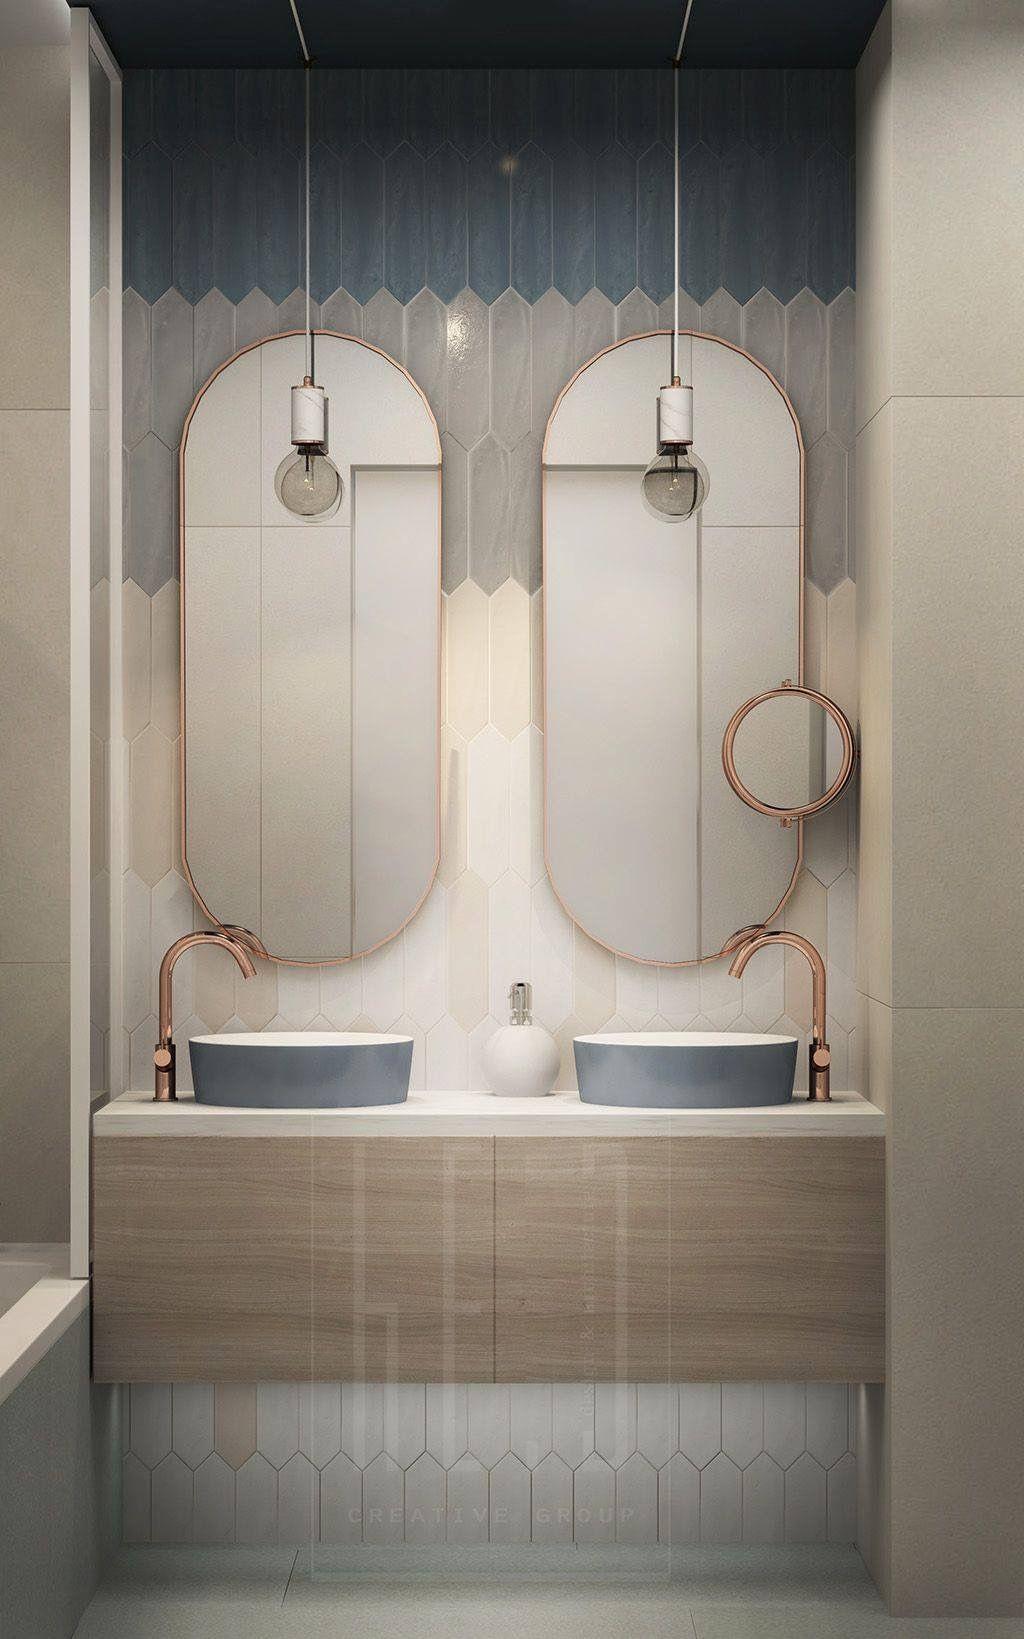 Pin By Nuela Designs On Interior Bathroom Toilet Space Ideas Double Sink Bathroom Bathroom Decor Double Sink Bathroom Vanity